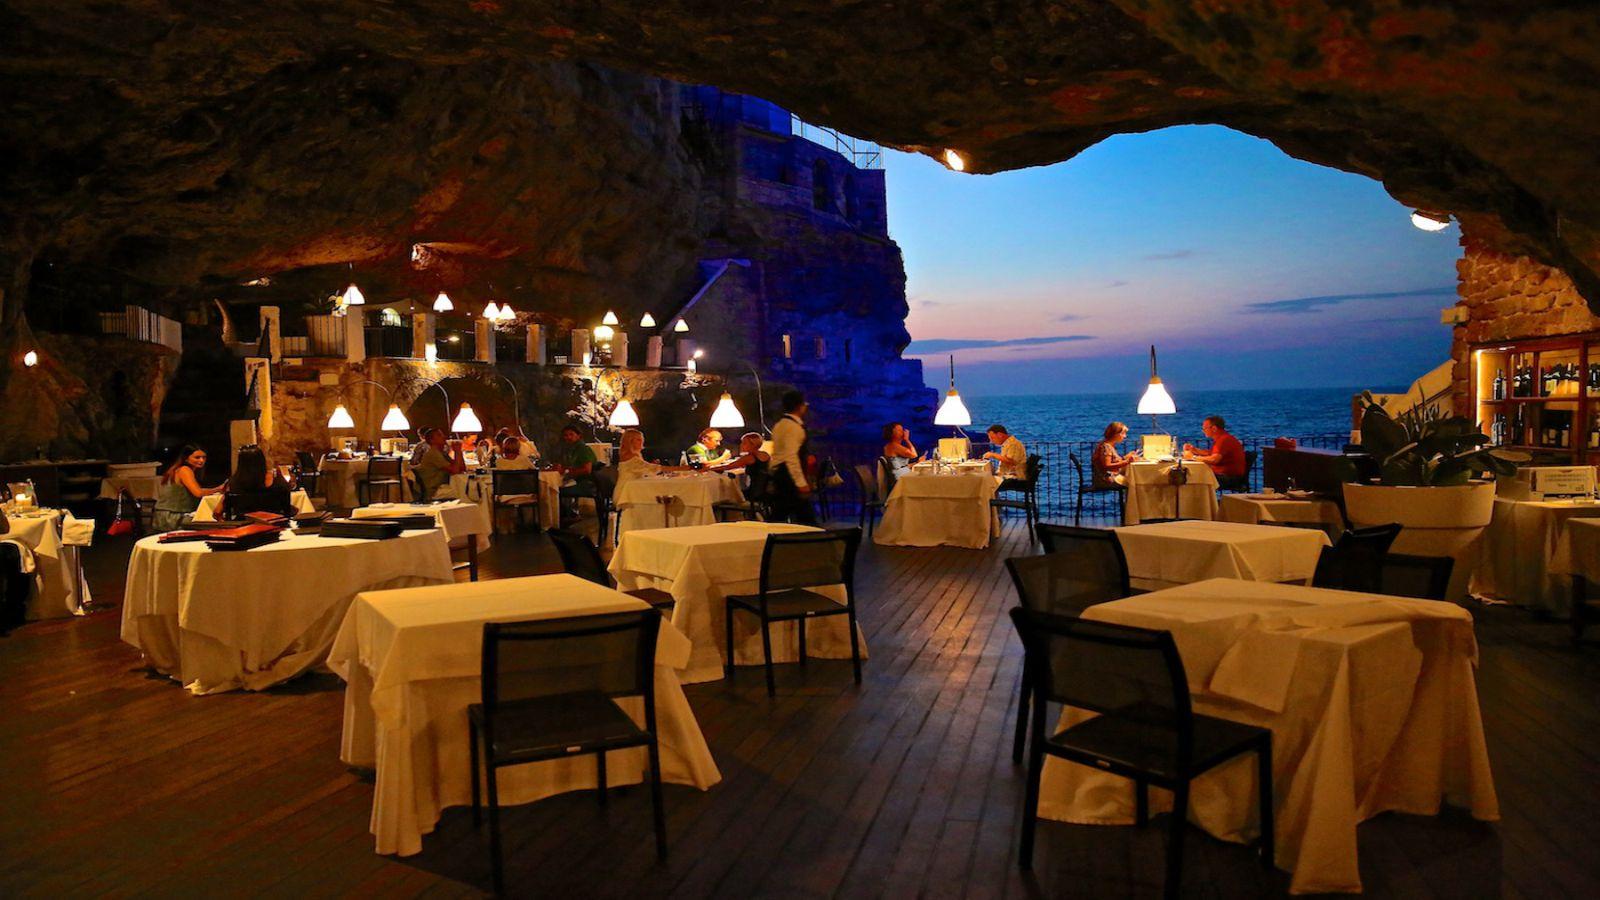 Ресторан Grotta Palazzese — дыхание Адриатического моря